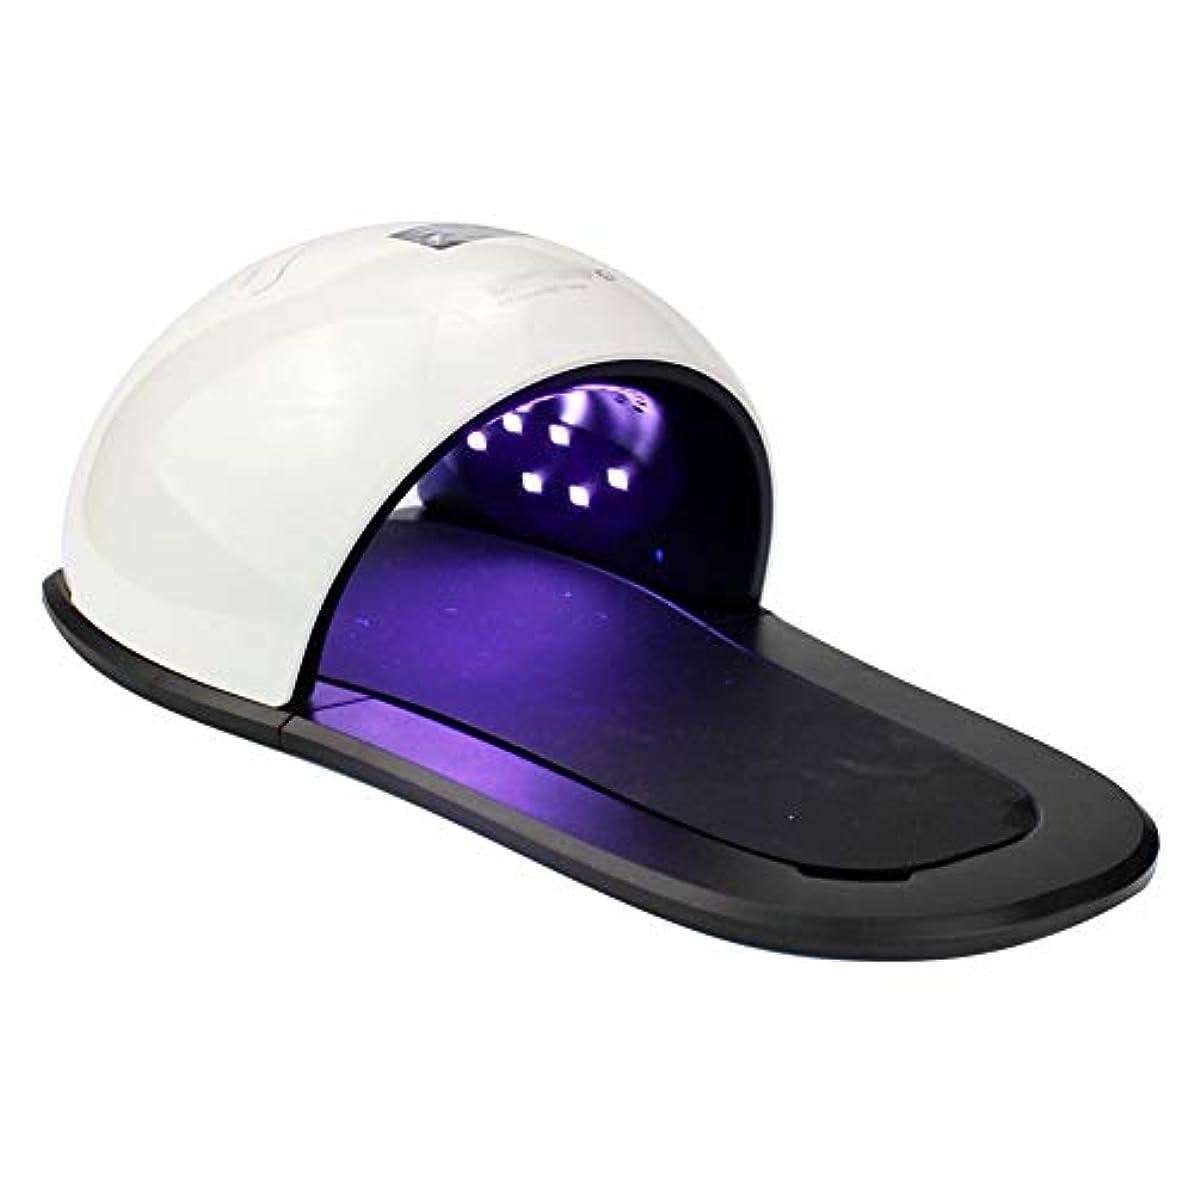 隠すくちばし汚染するネイルドライヤー - ネイルled光線療法ランプネイルマシン紫外線光線療法マシン手と足2 in 1黒と白のステッチ48 wネイルドライヤー